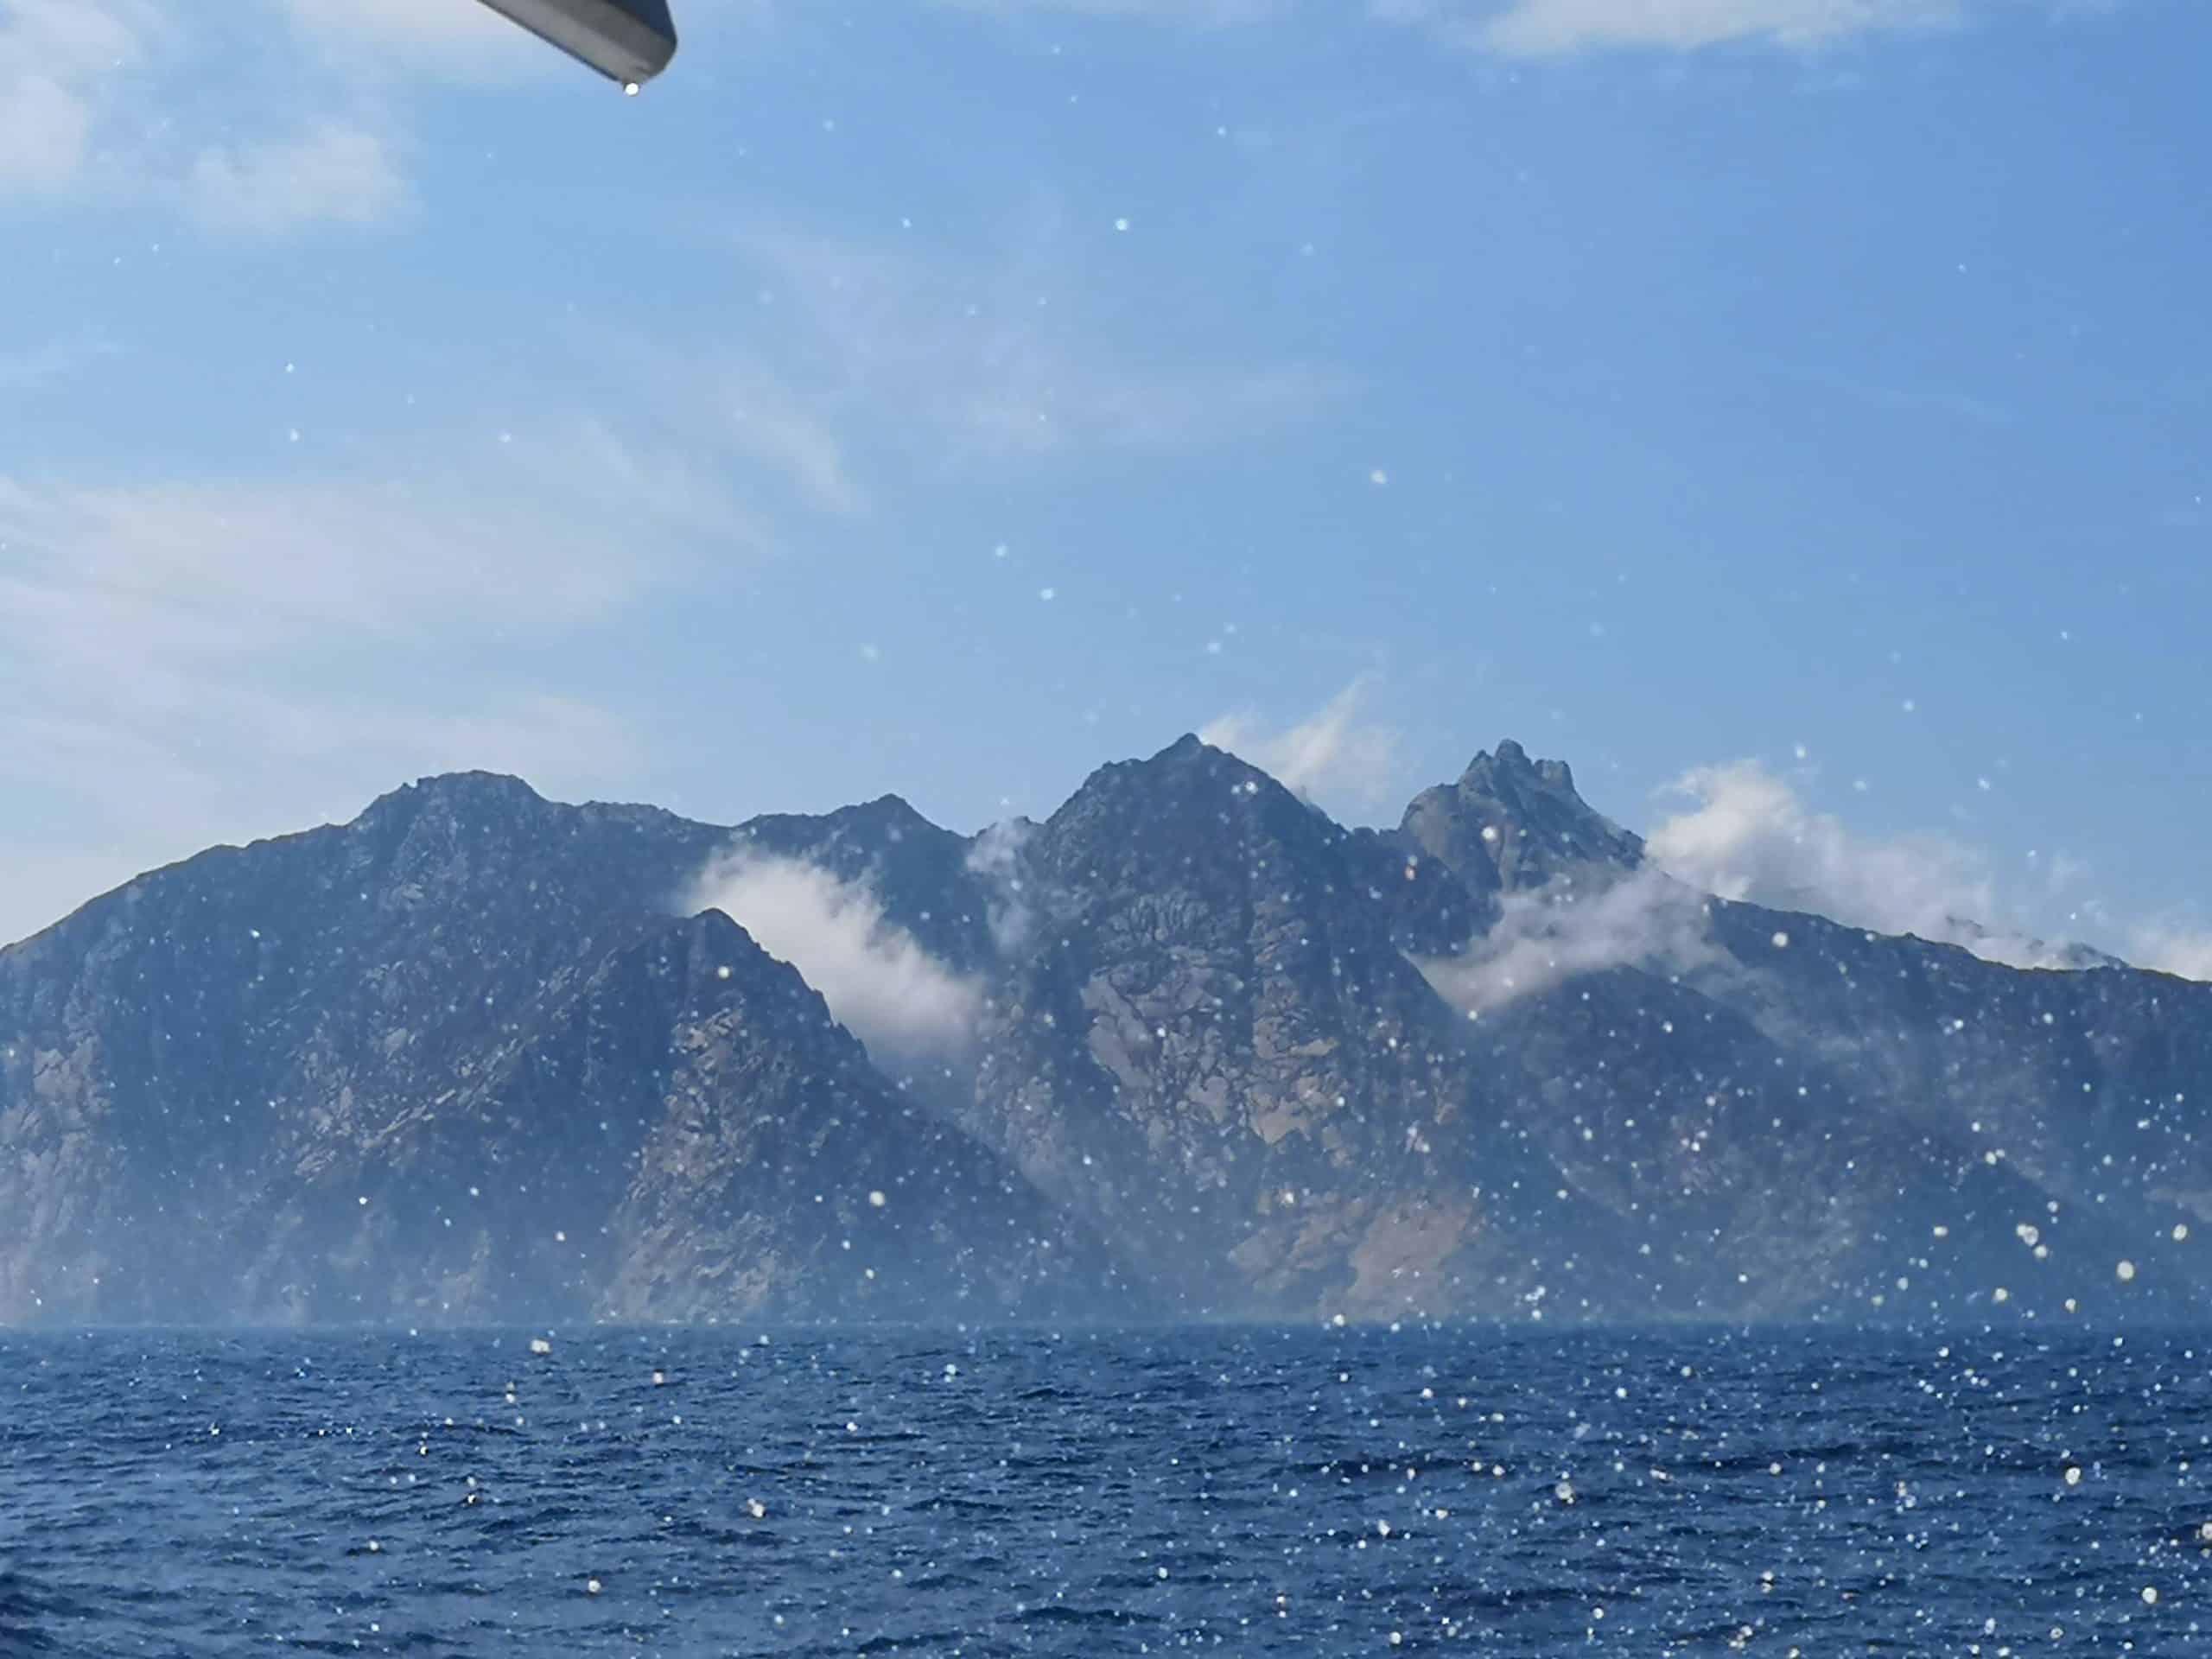 Montecristo Isola